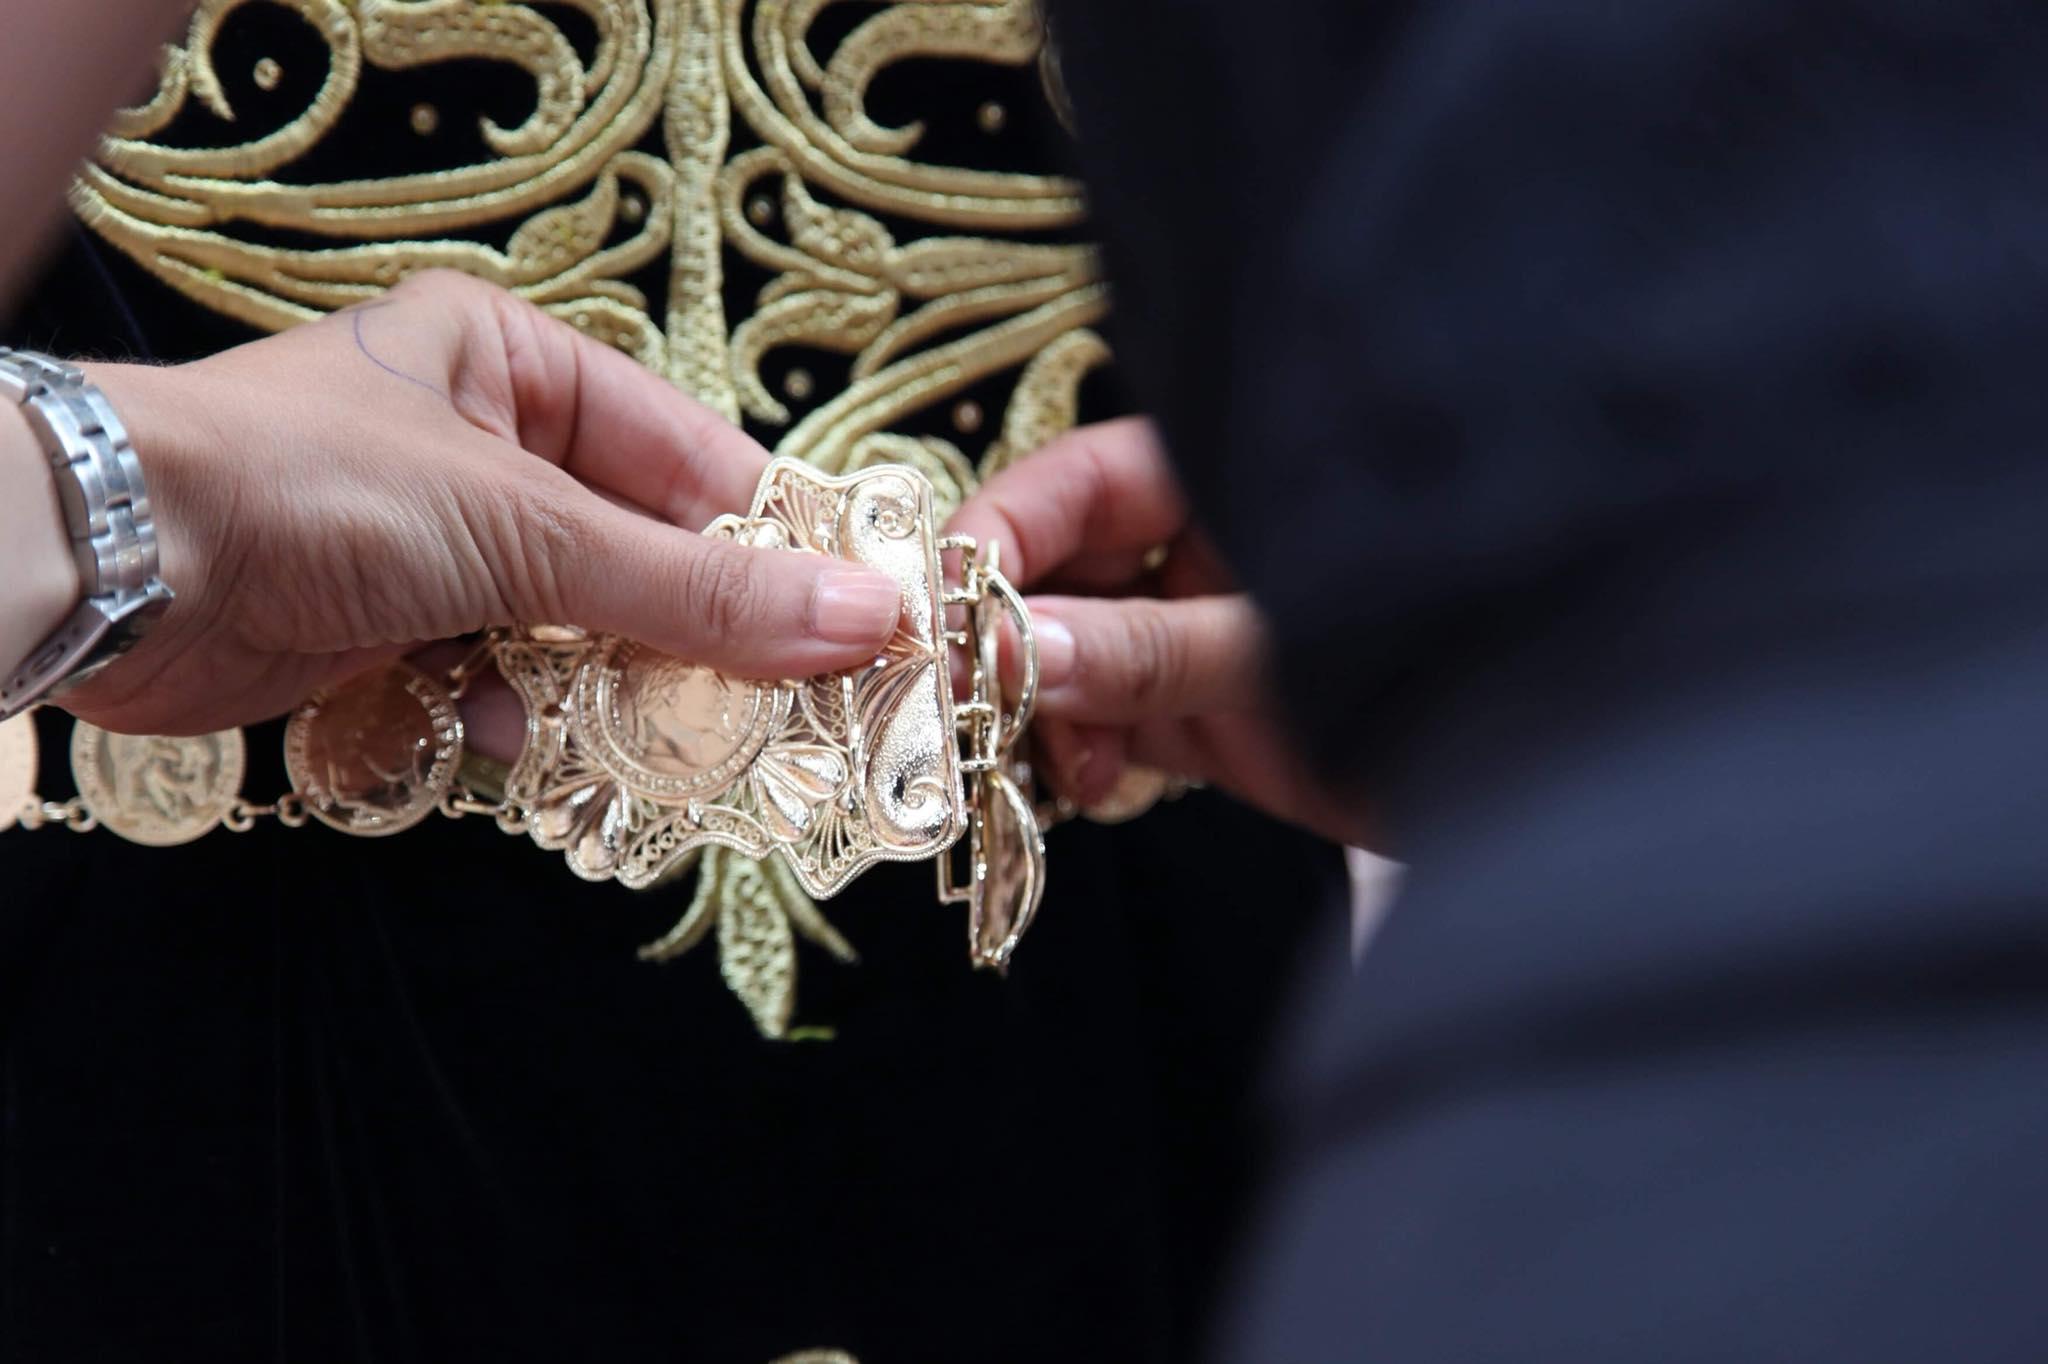 Machta Nora Habilleuse de mariées, Kouba, Alger - 3ersi.com